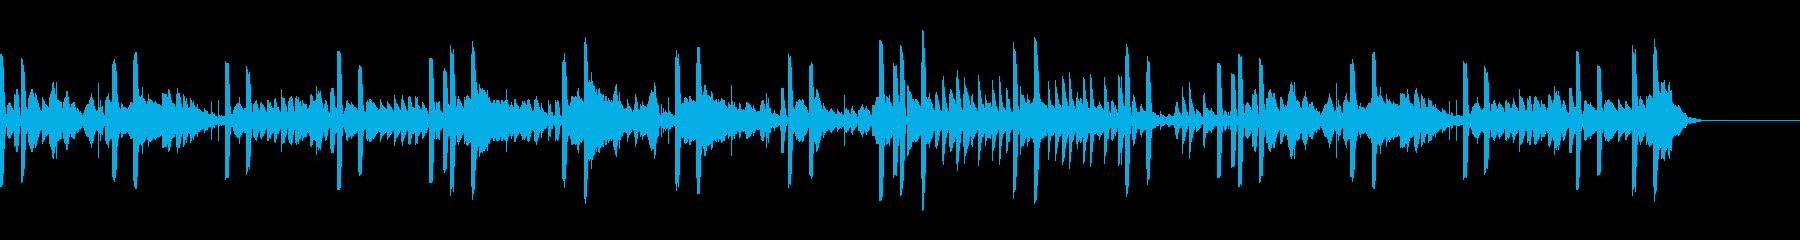 電気楽器。刺激的なハイテク技術のテ...の再生済みの波形